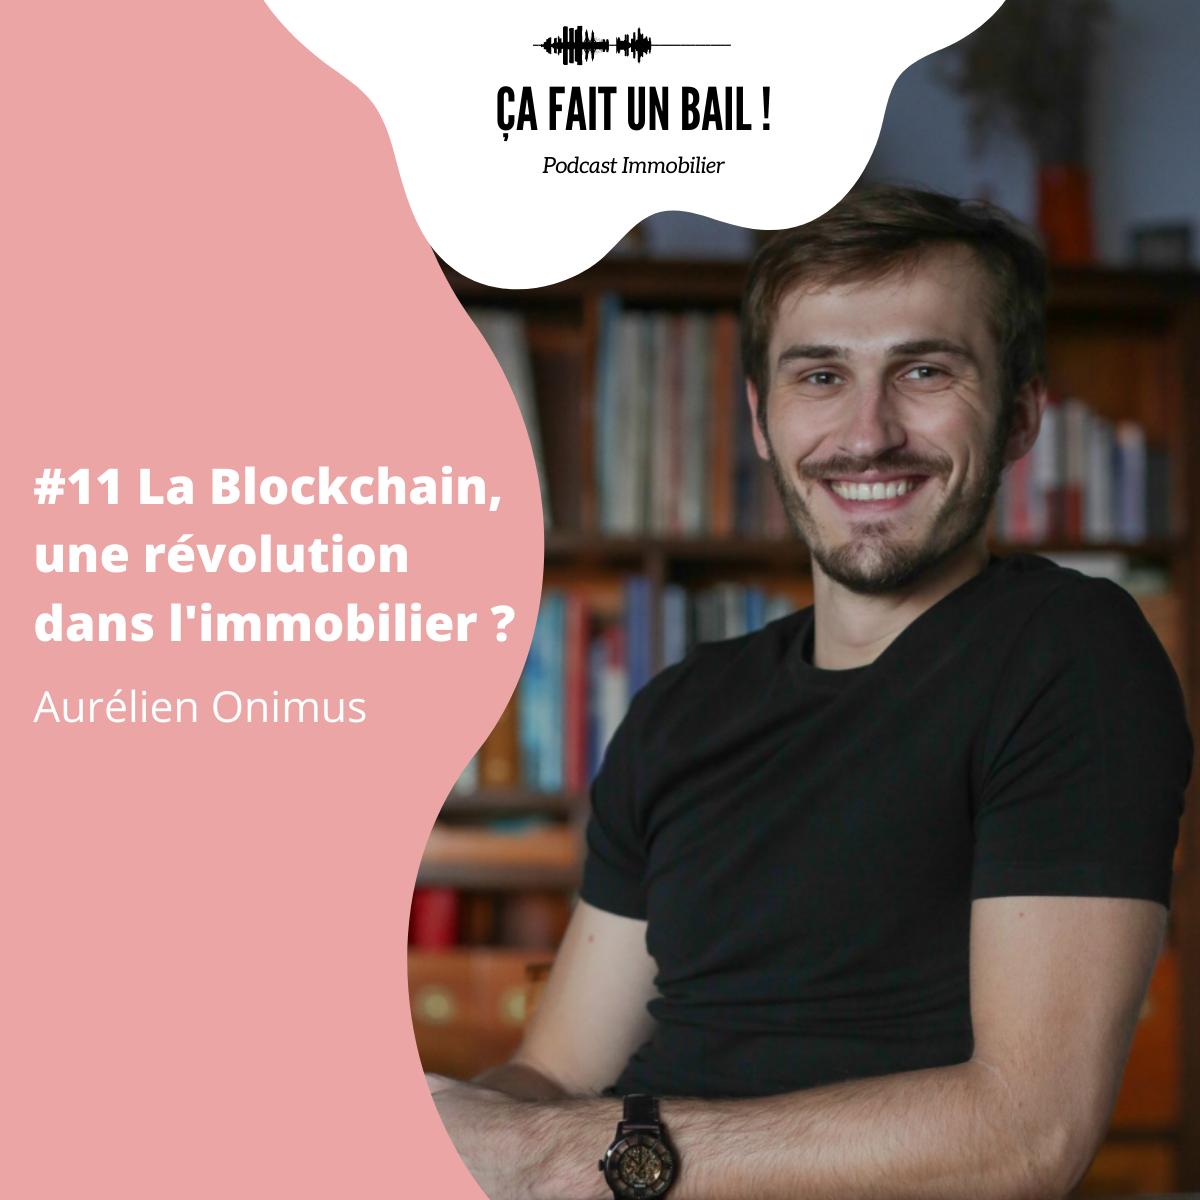 Blockchain immobilier Aurelien Onimus